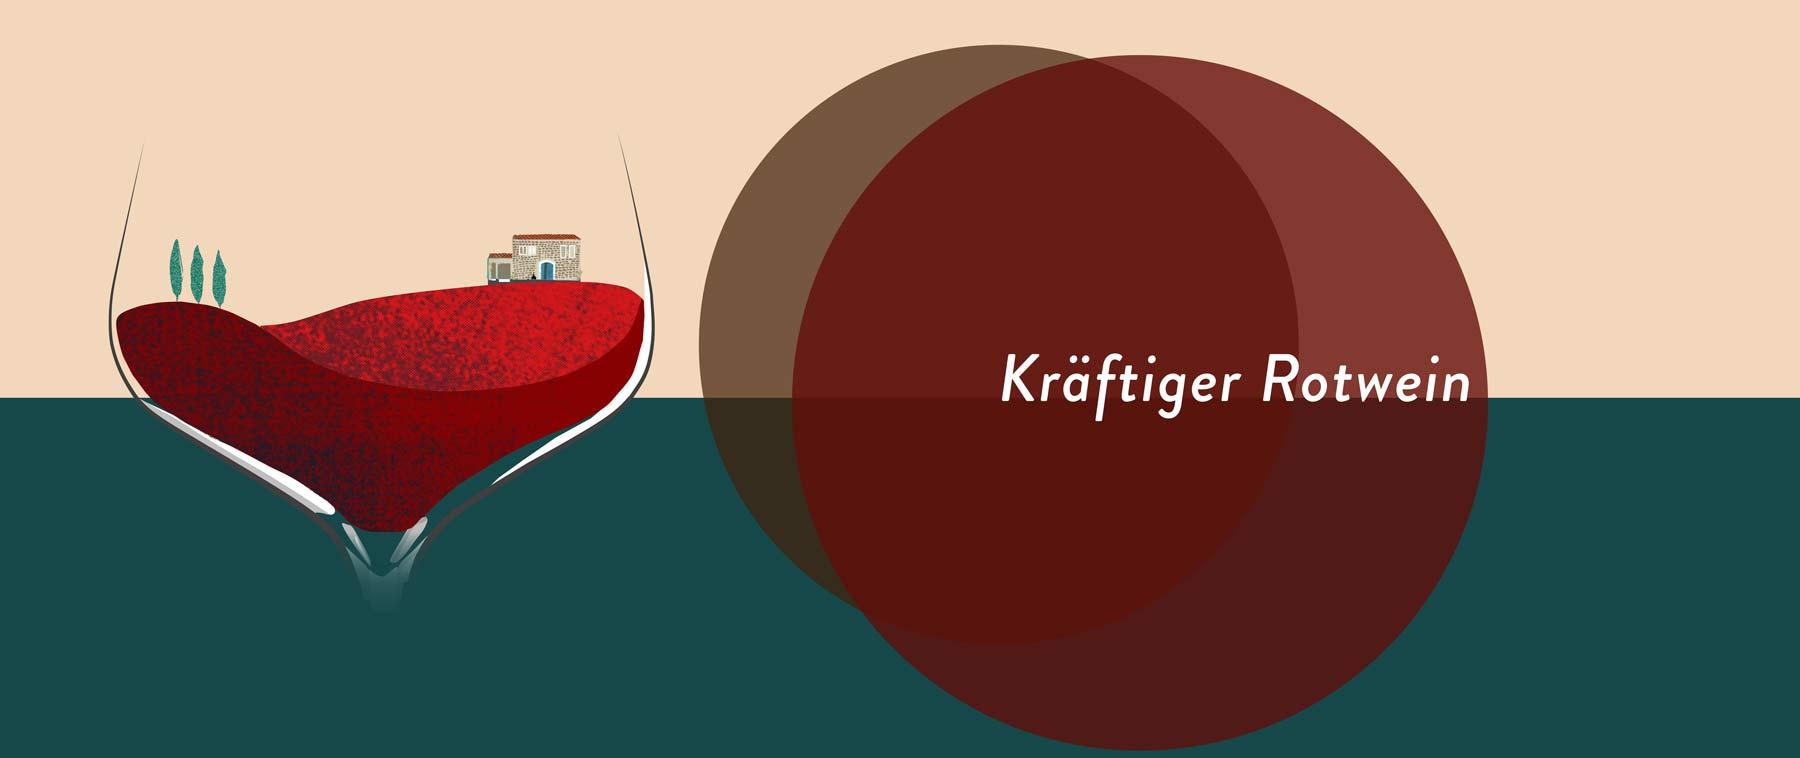 Kräftige Rotweine sind wohl die am meisten gefragten.